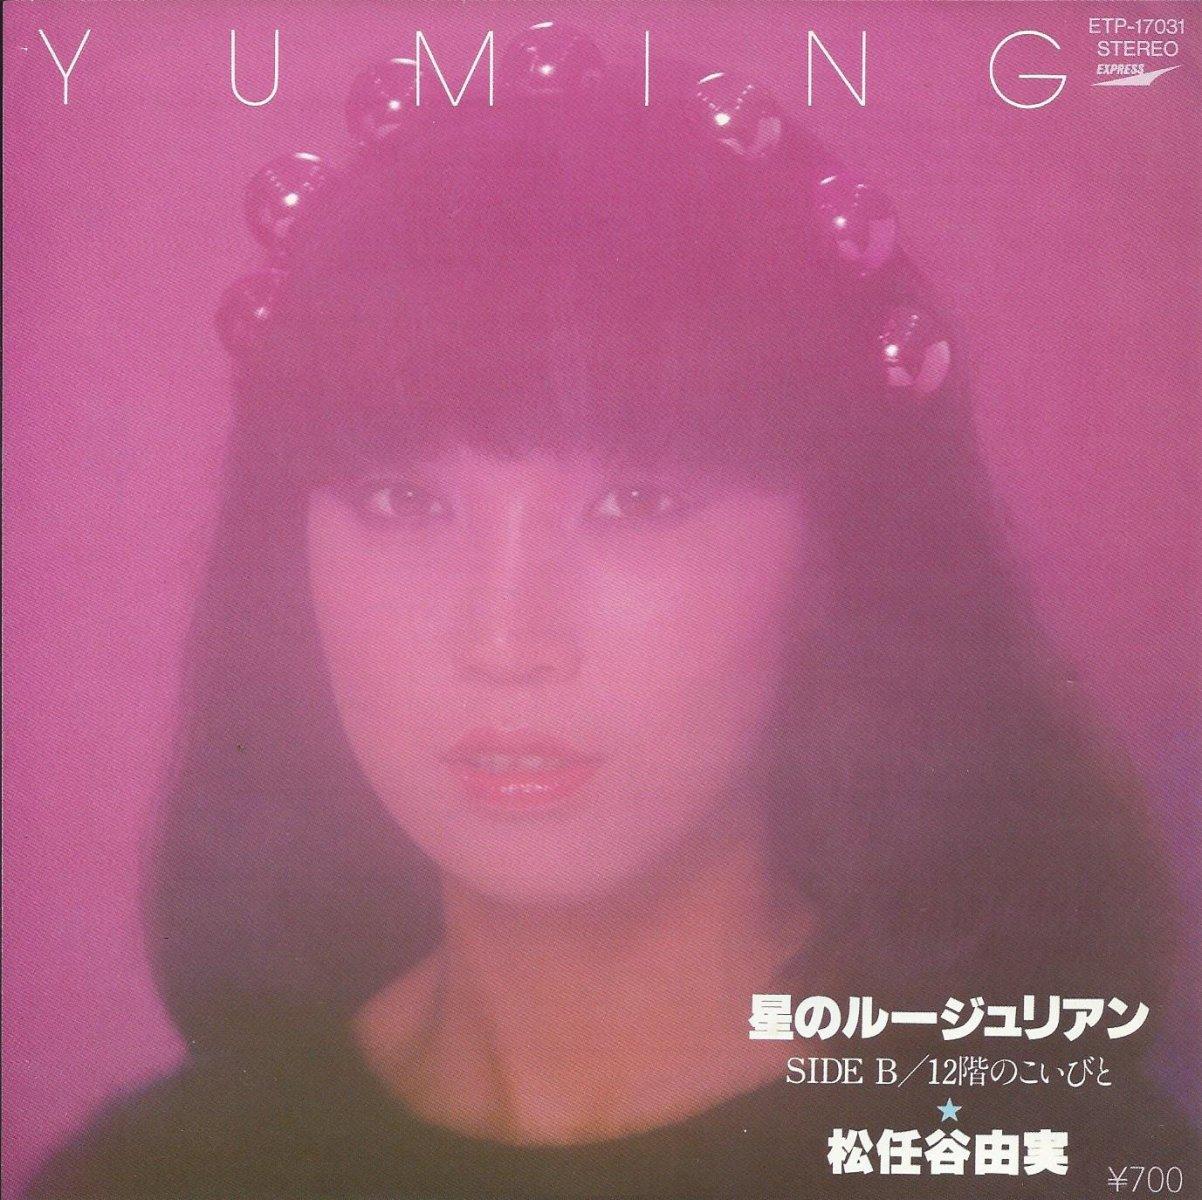 松任谷由実 YUMI MATSUTOYA / 星のルージュリアン / 12階のこいびと (7